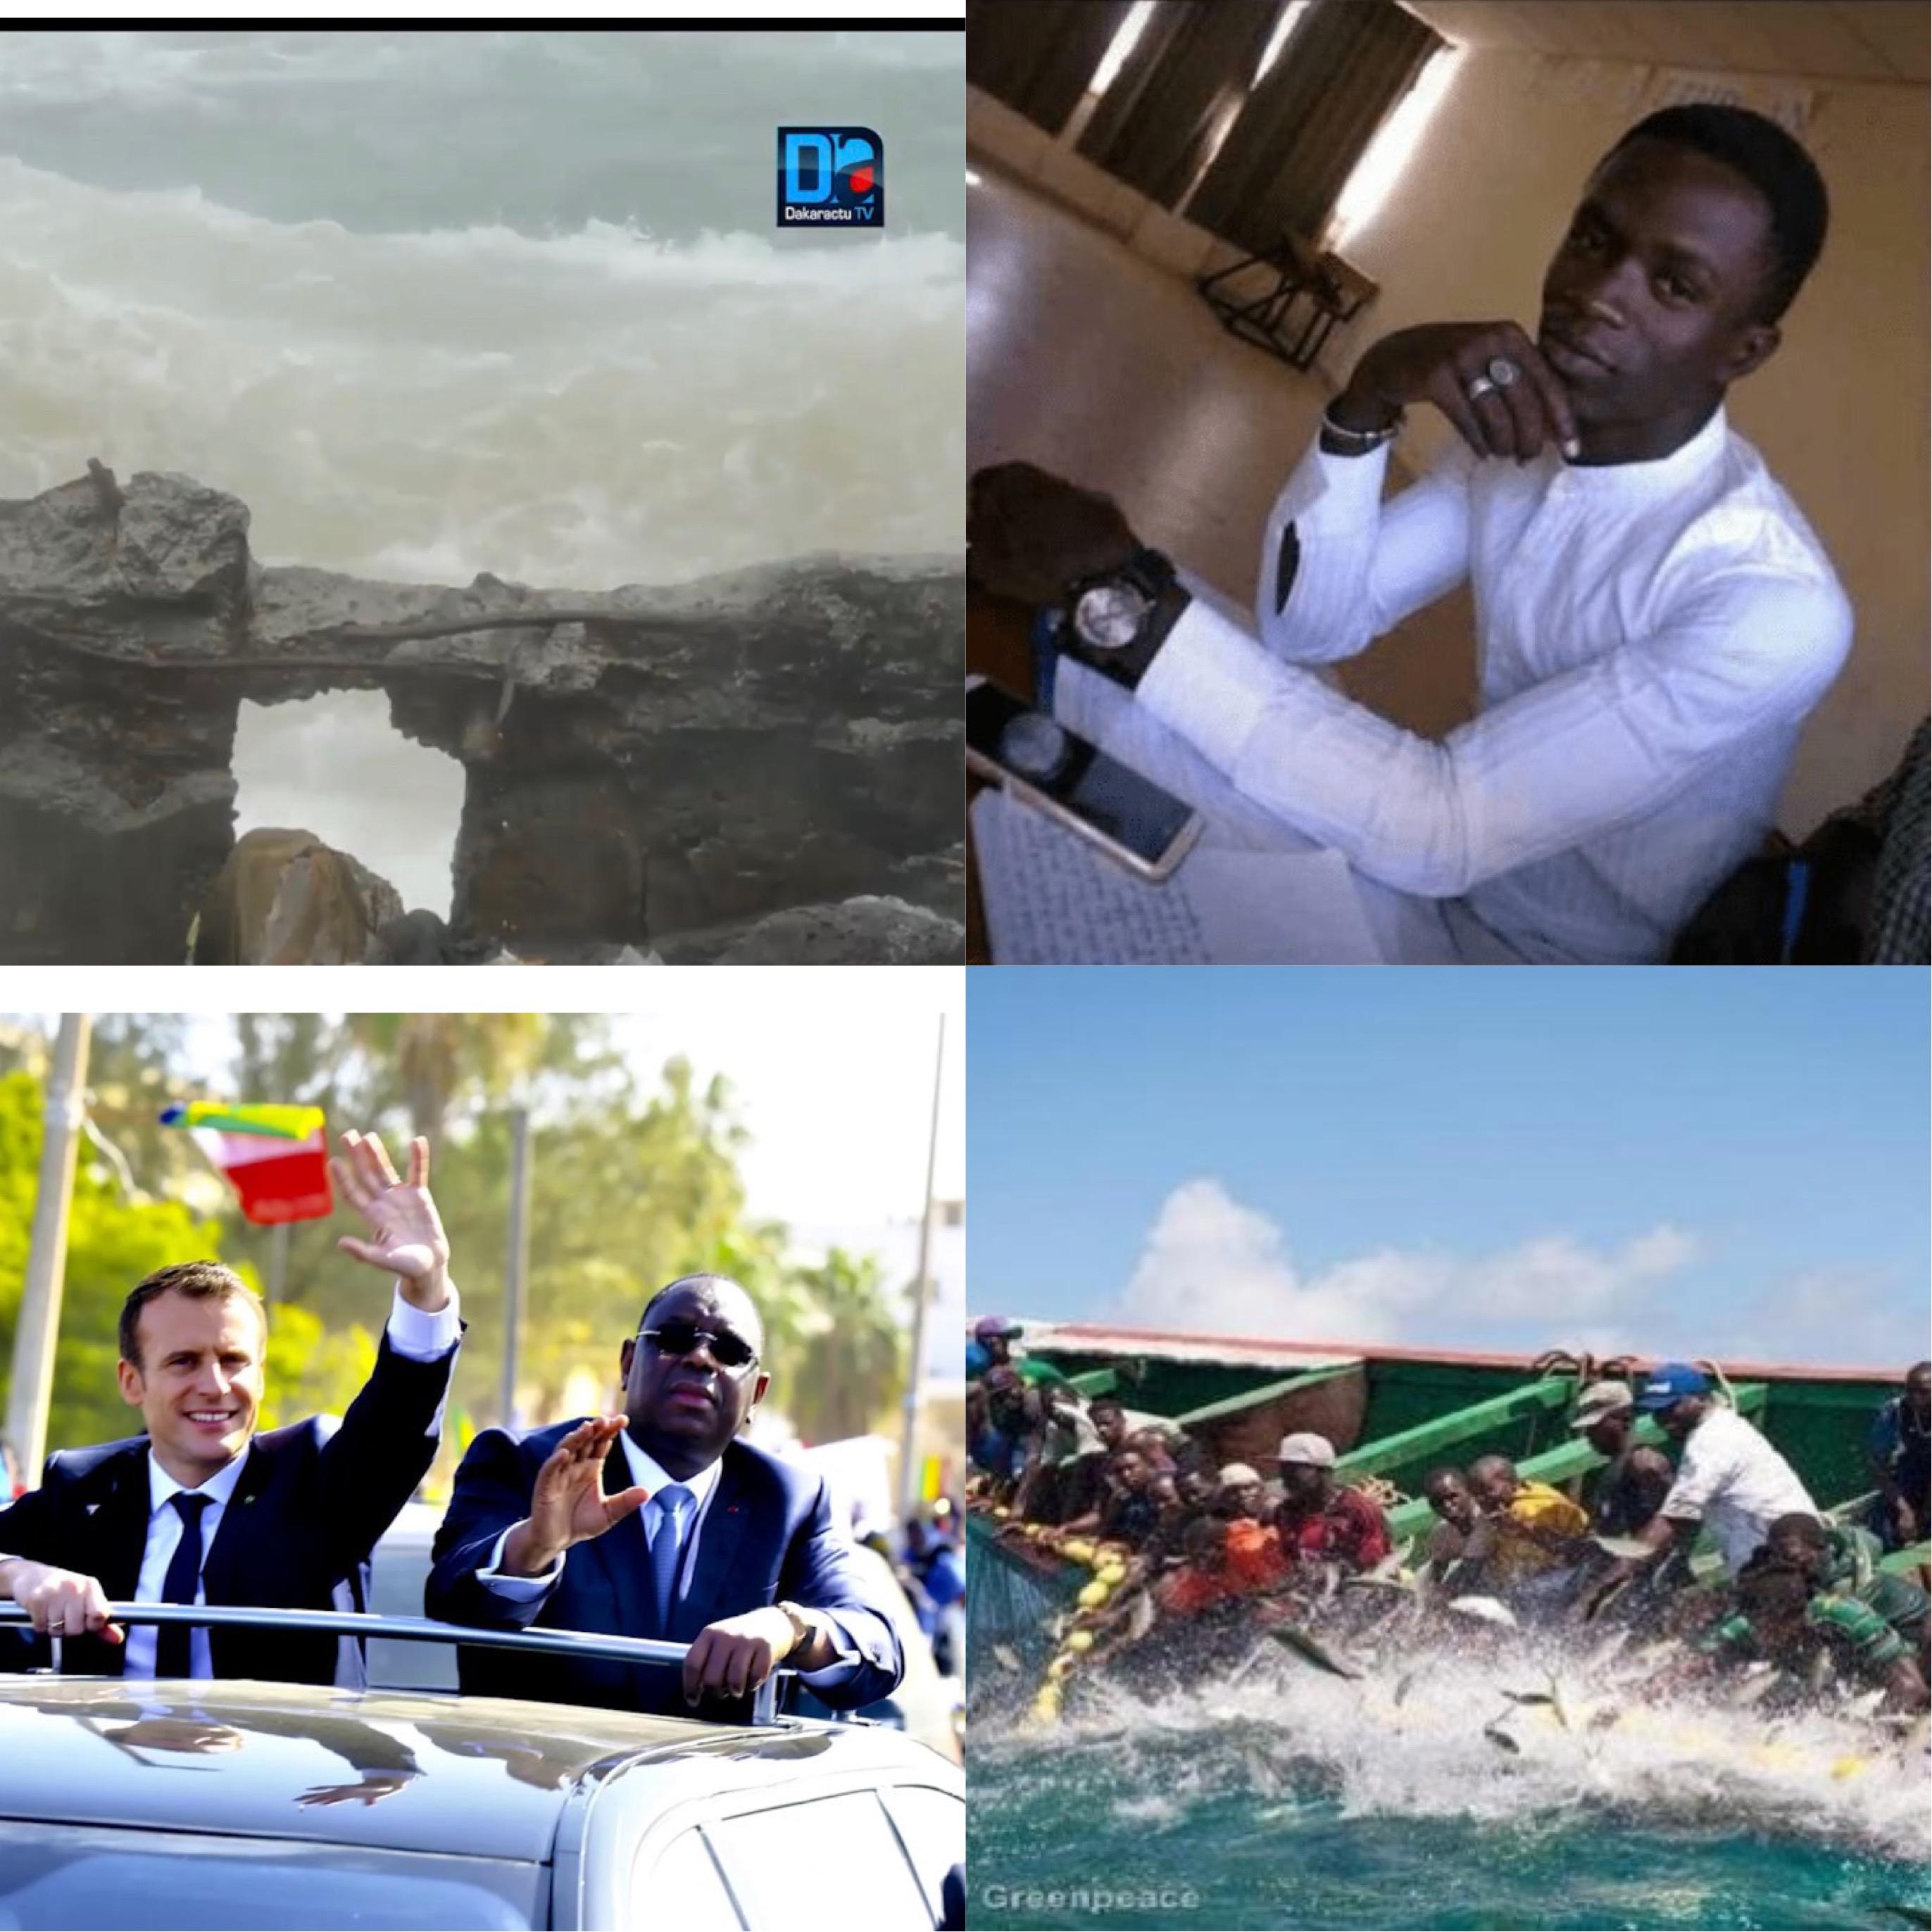 RÉTRO 2018  À SAINT- LOUIS : Mort de l'étudiant Fallou Sène, raz-de-marée, accidents au niveau de la brèche, visite d'Emmanuel Macron ….